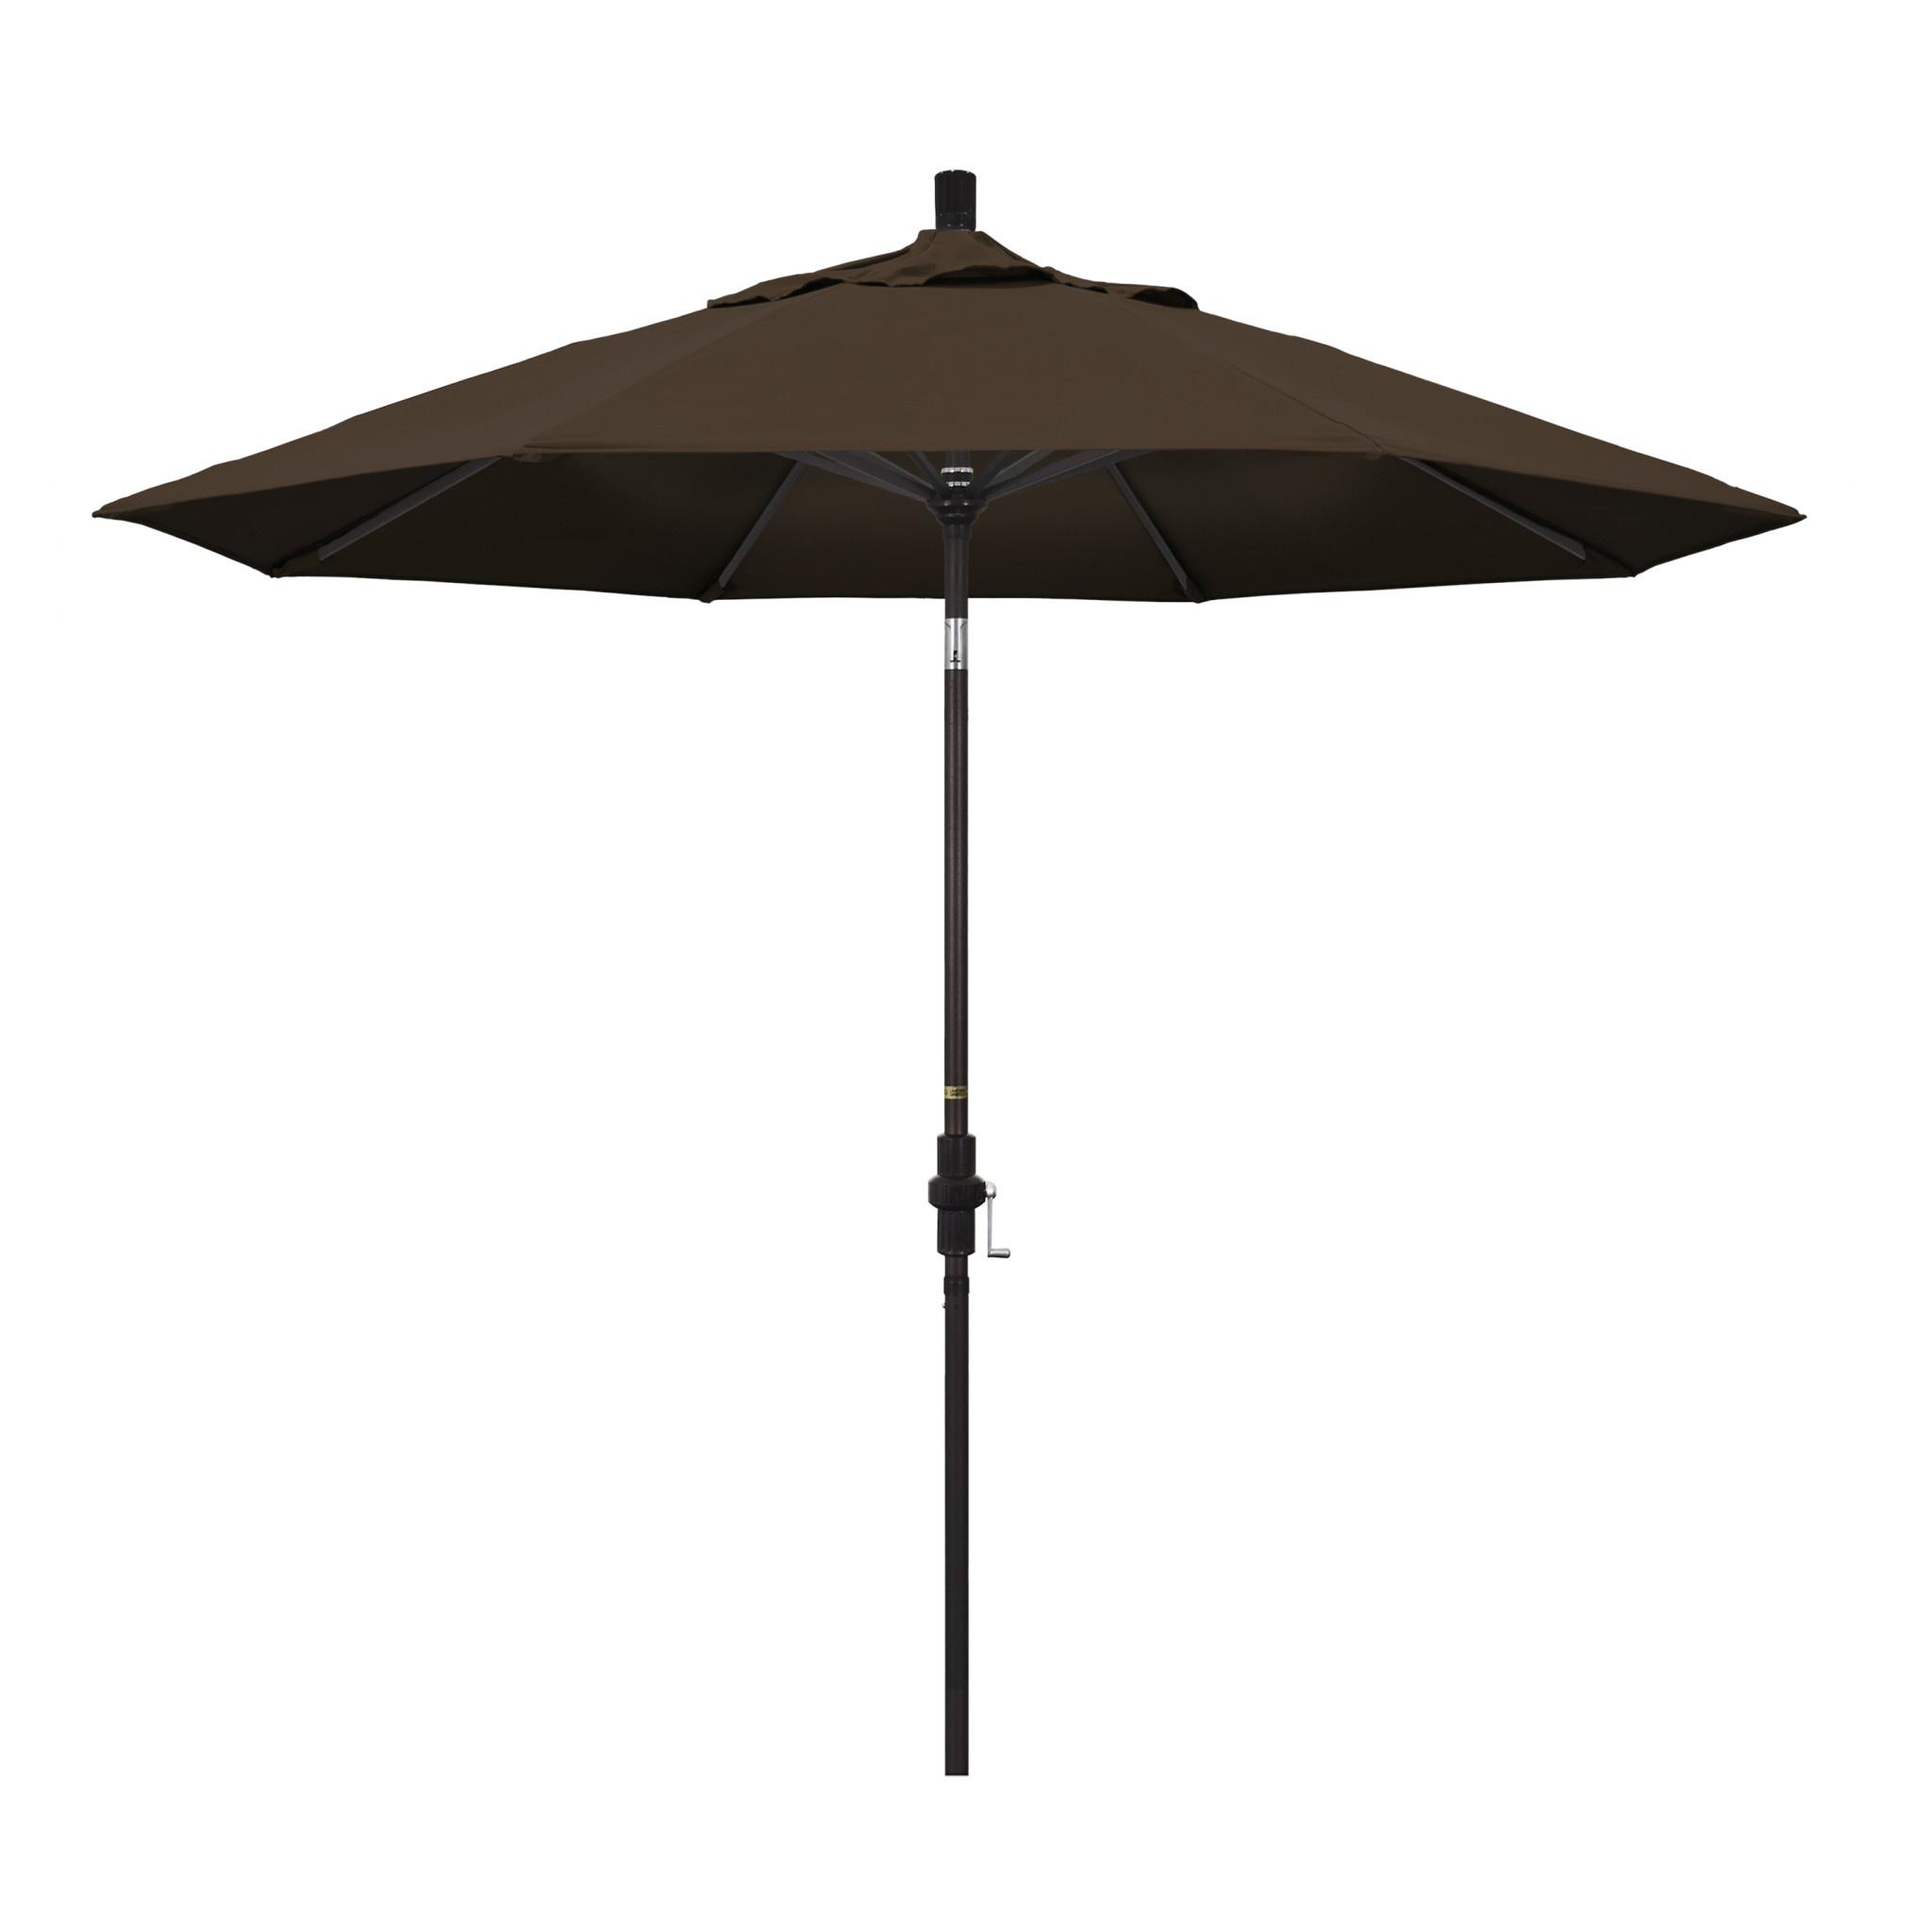 California Umbrella 9' Collar Tilt - Pacifica Bay Brown